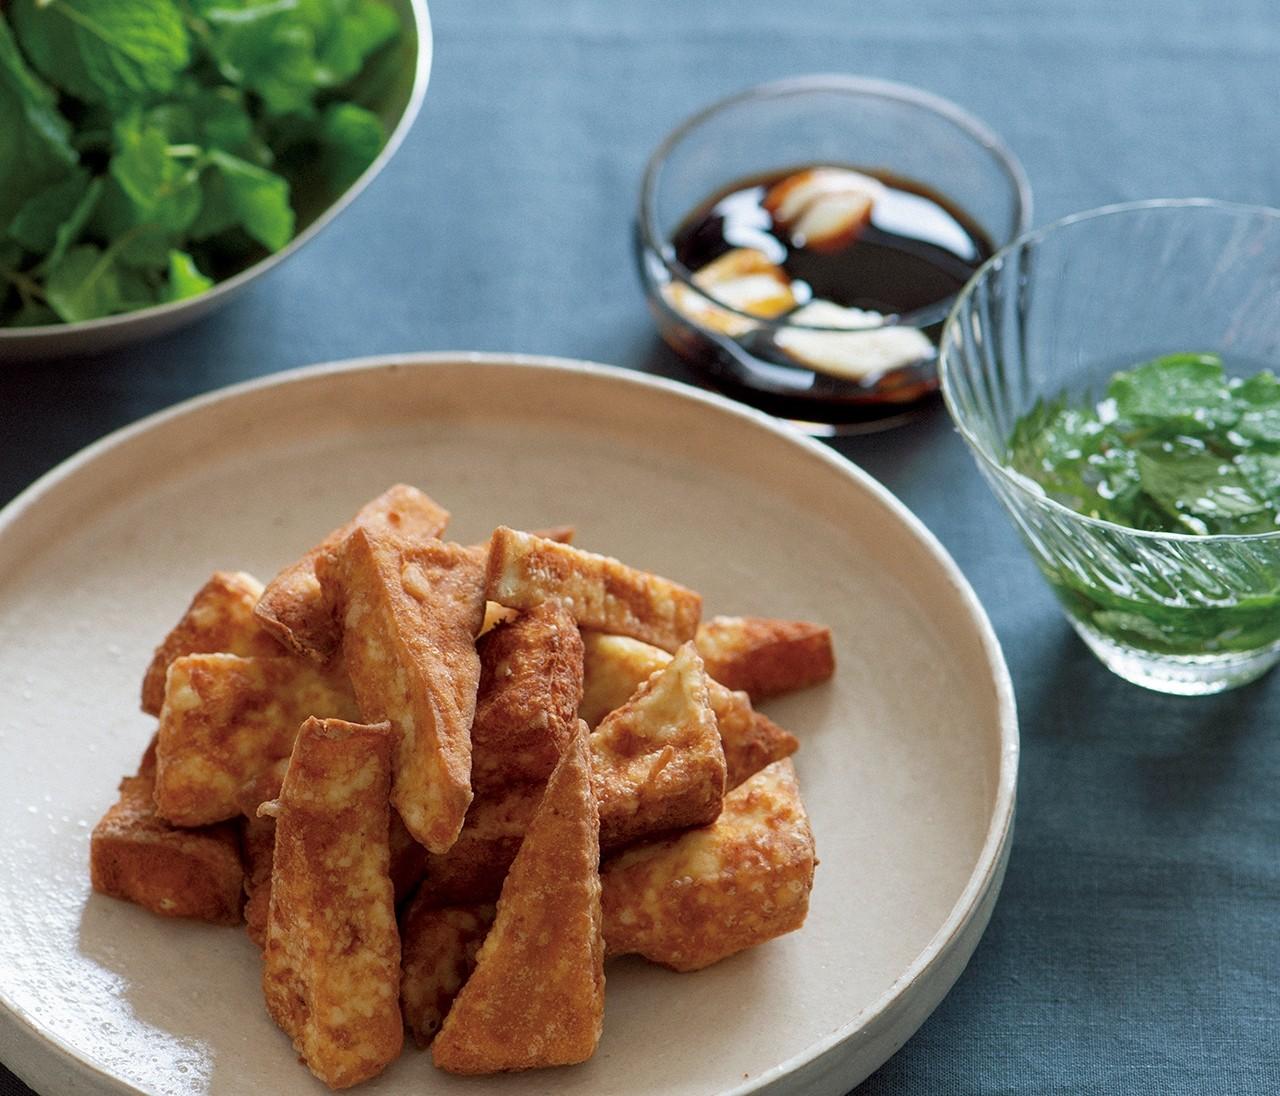 揚げ豆腐とミント!? 泣けるほどおいしい【浮き豆腐】のレシピ